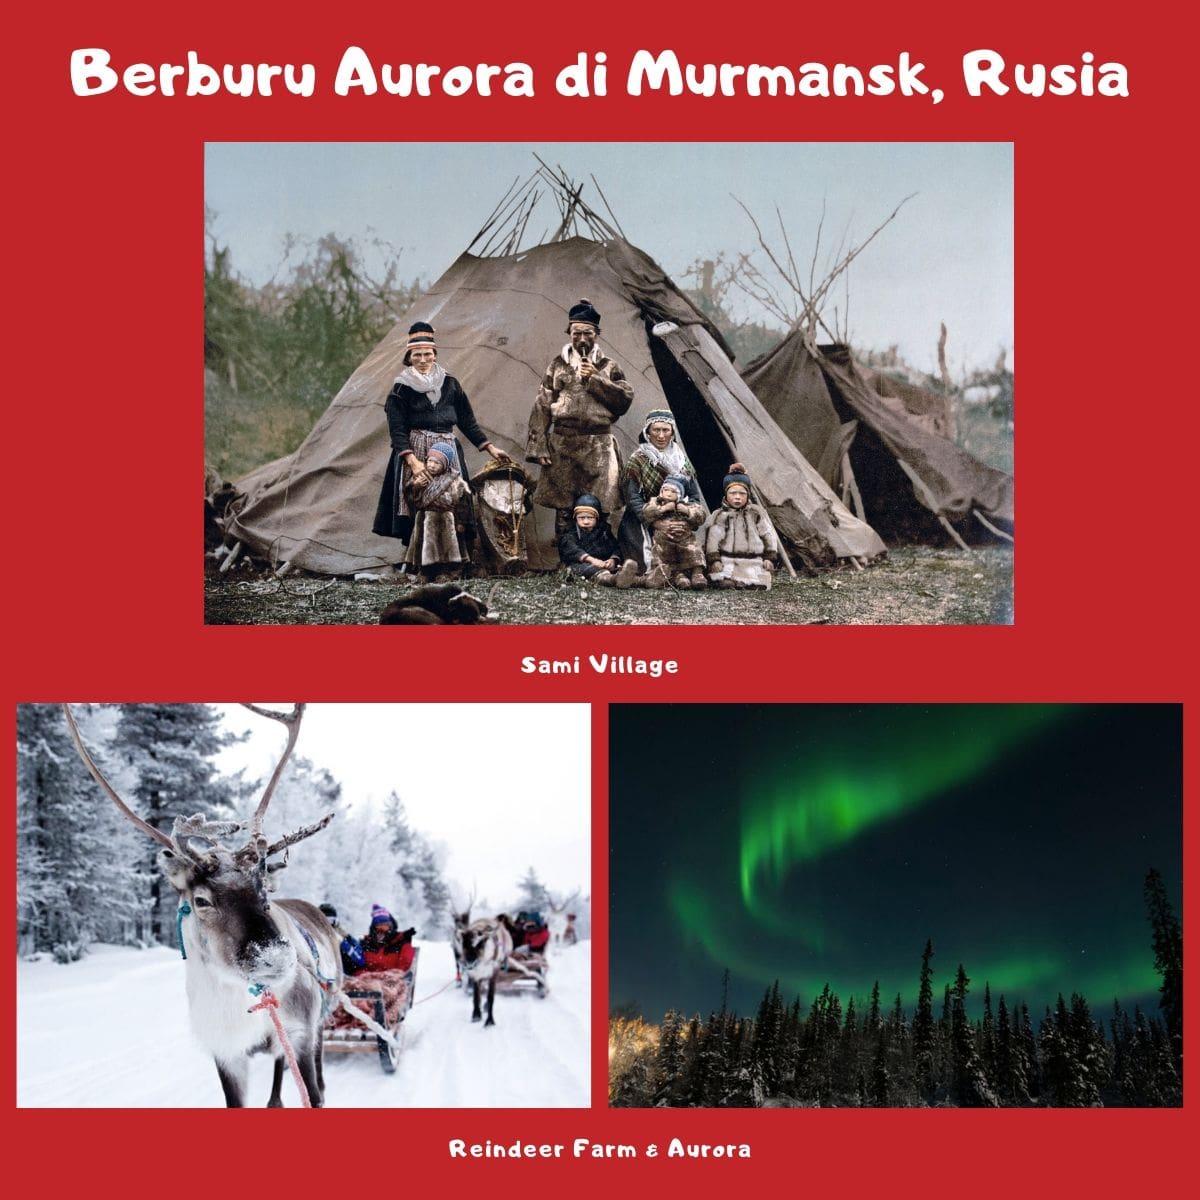 Rekomendasi Wisata Menarik di Murmansk Rusia untuk Liburan Musim Dingin - Sami Village, Reindeer Sleigh, & Aurora - Sumber Wikipedia